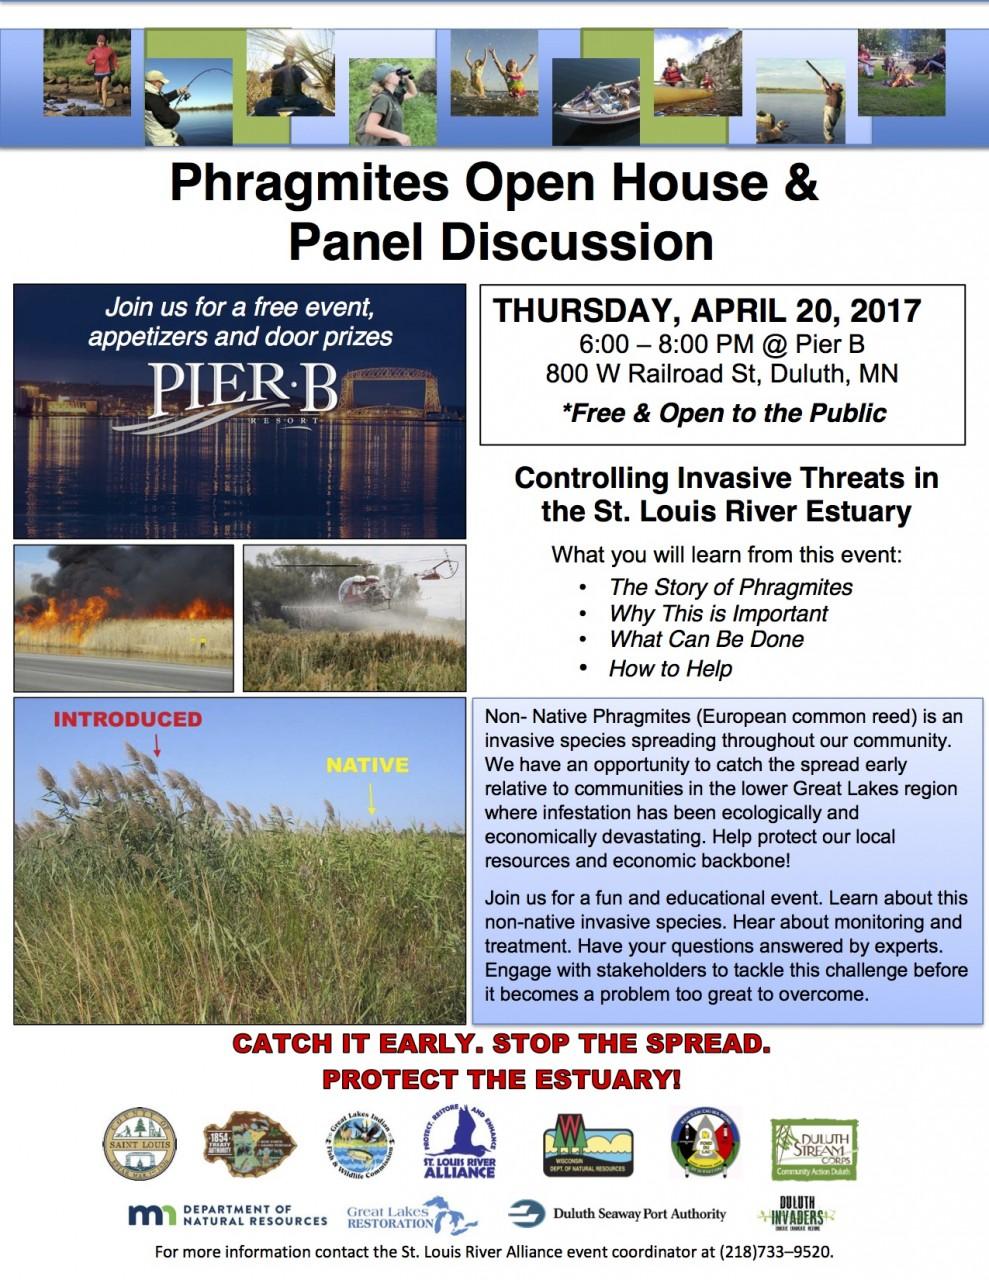 Phragmites Open House